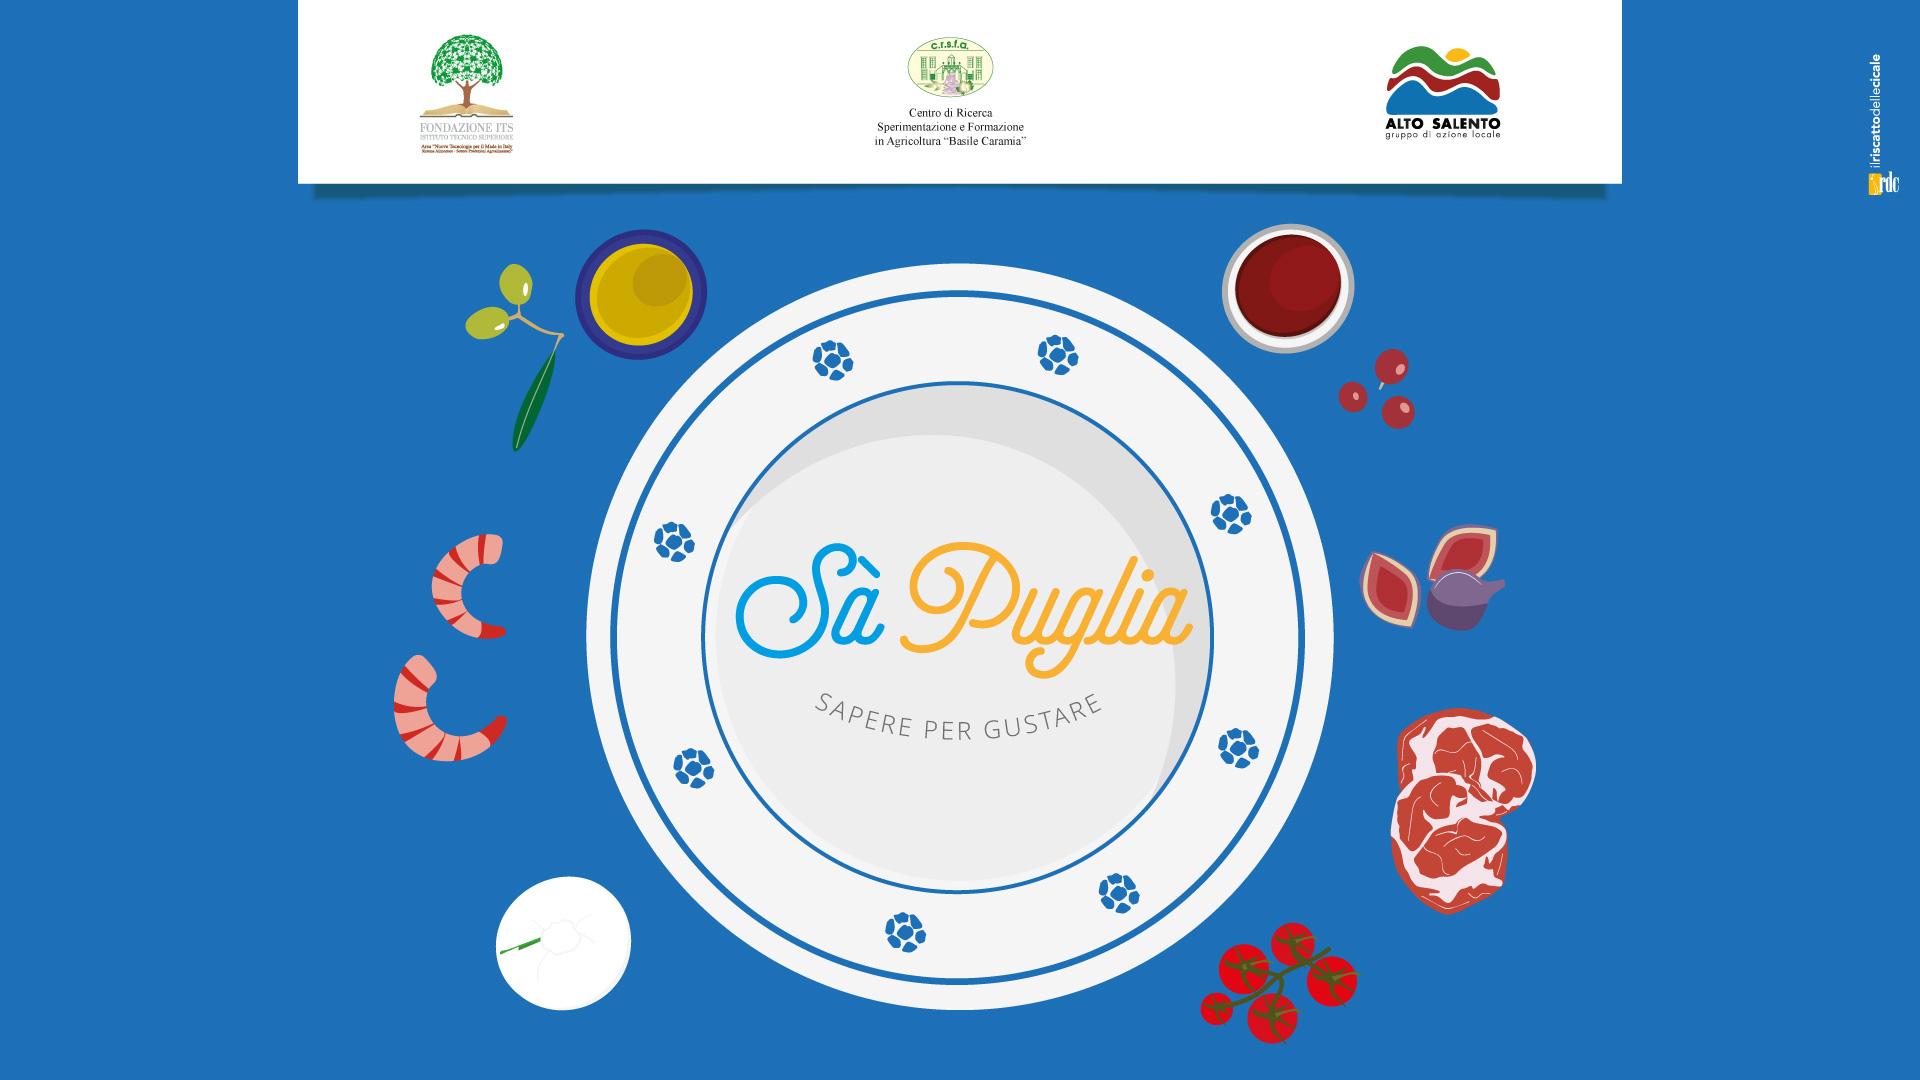 Calendario Eventi Ostuni 2020.Sa Puglia Sapere Per Gustare Its Agroalimentare Puglia